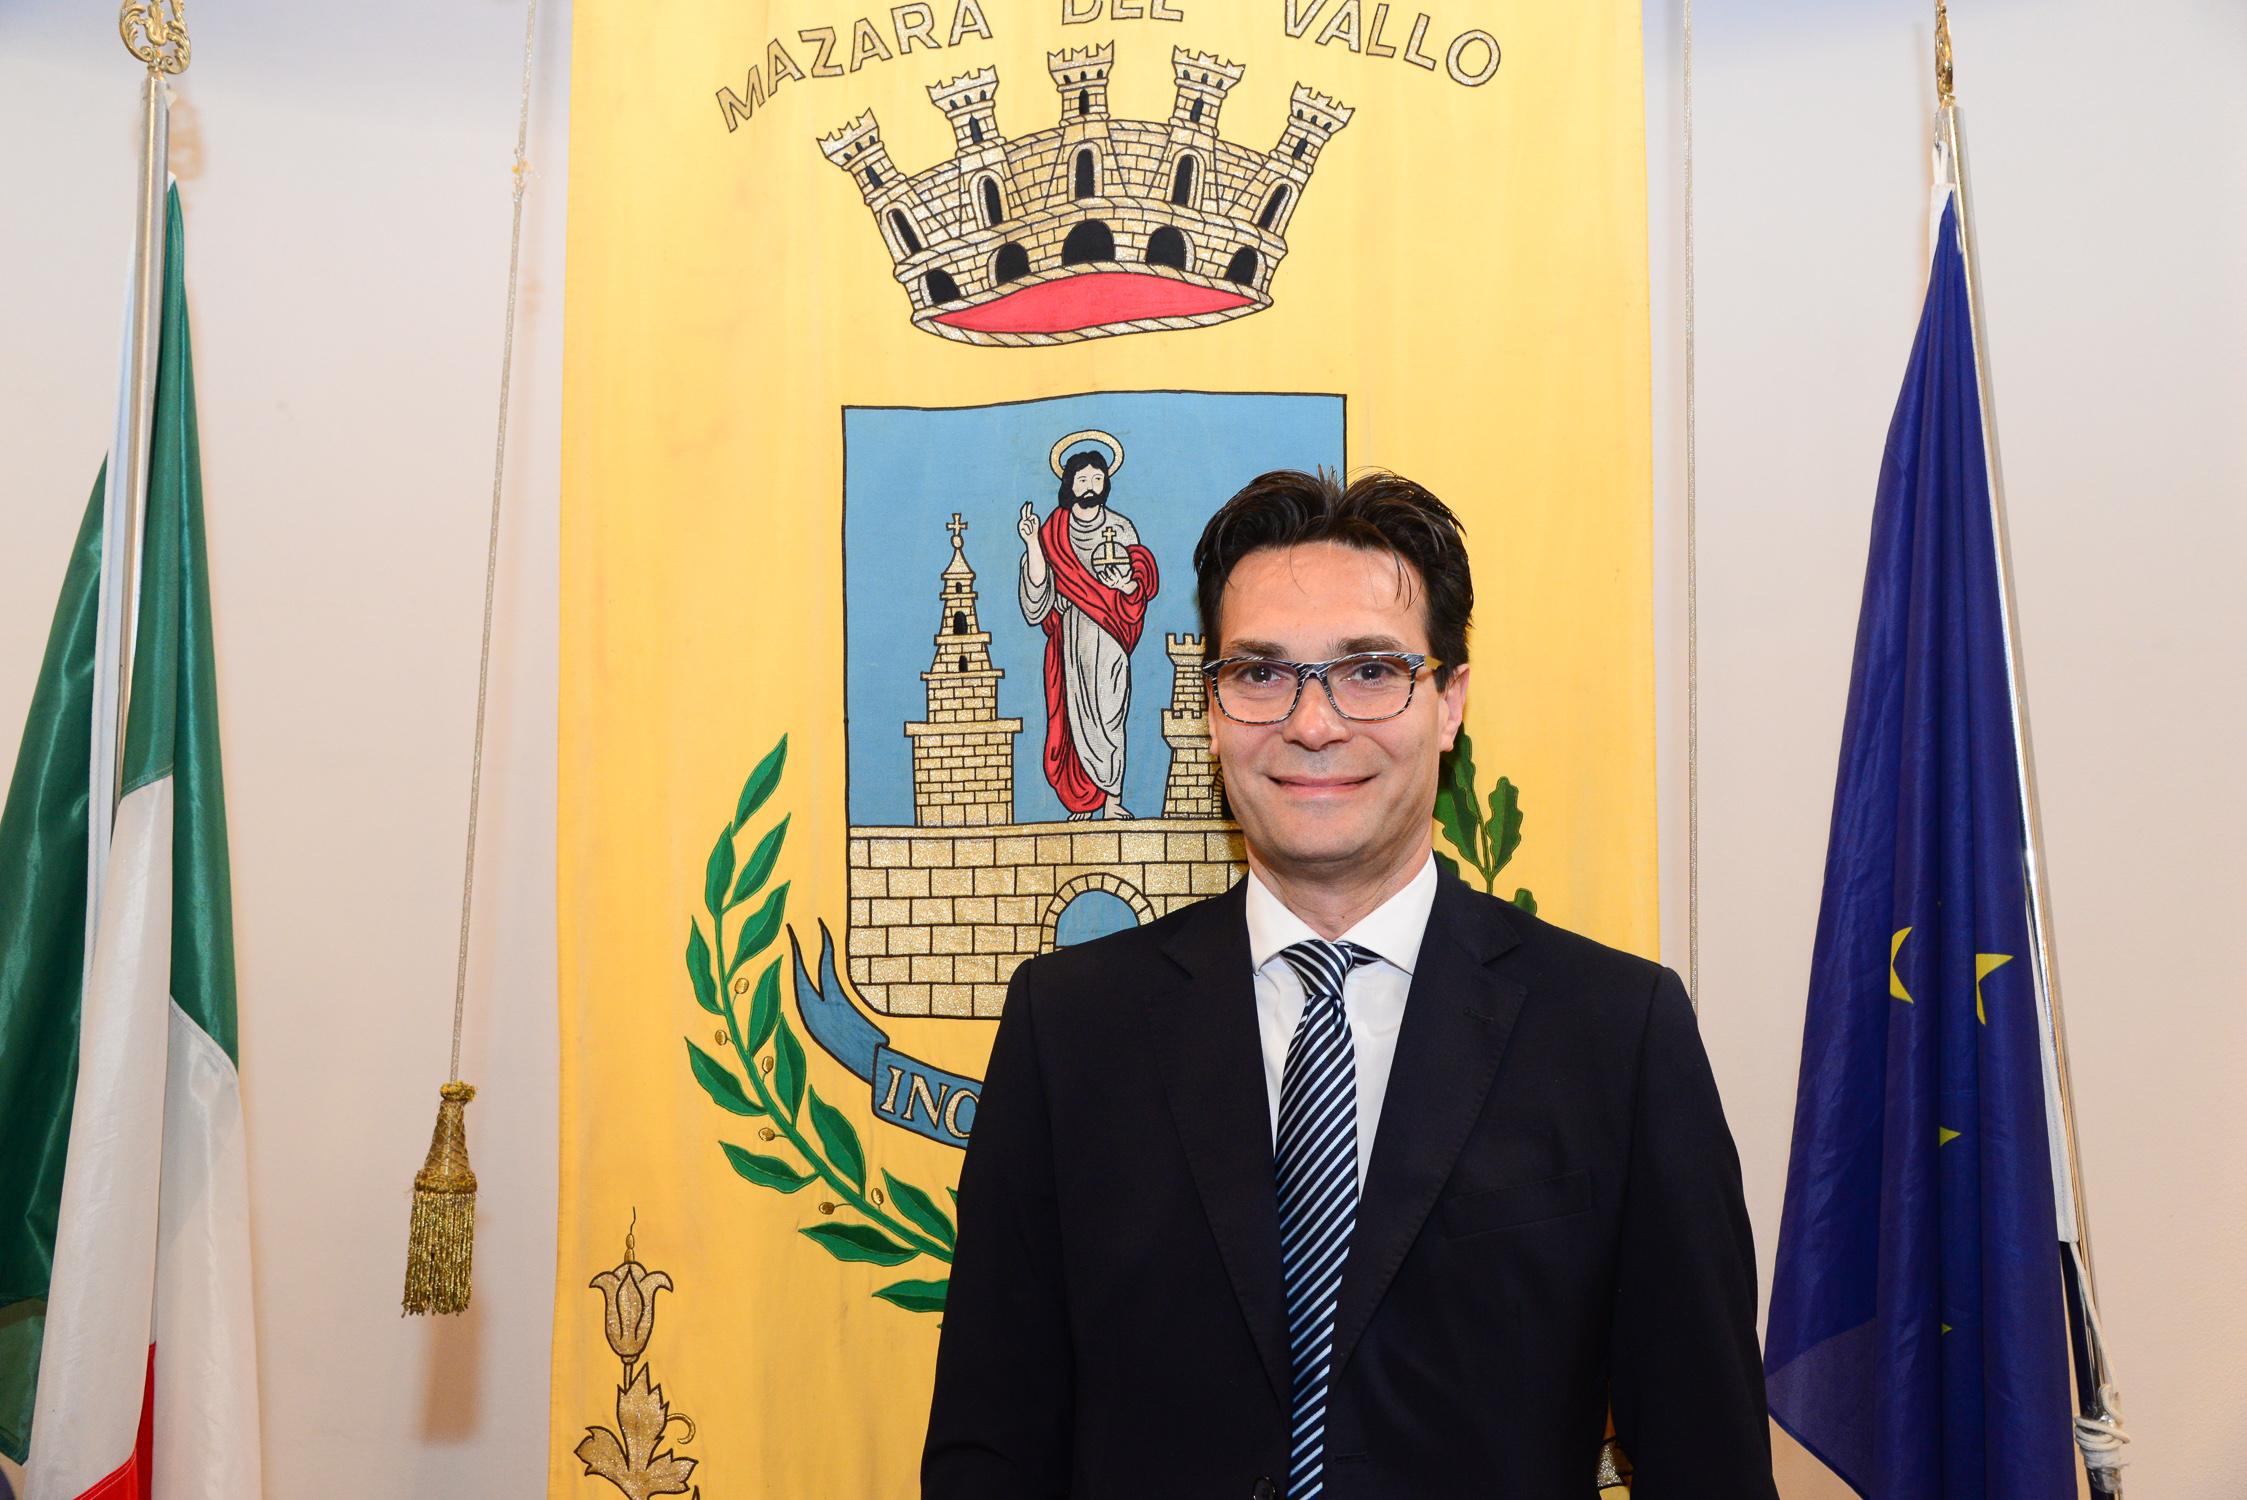 Mazara, interrogazione del consigliere comunale del Movimento 5 Stelle, Girolamo Billardello sull'archivio storico comunale (ex Tribunale via Toniolo)